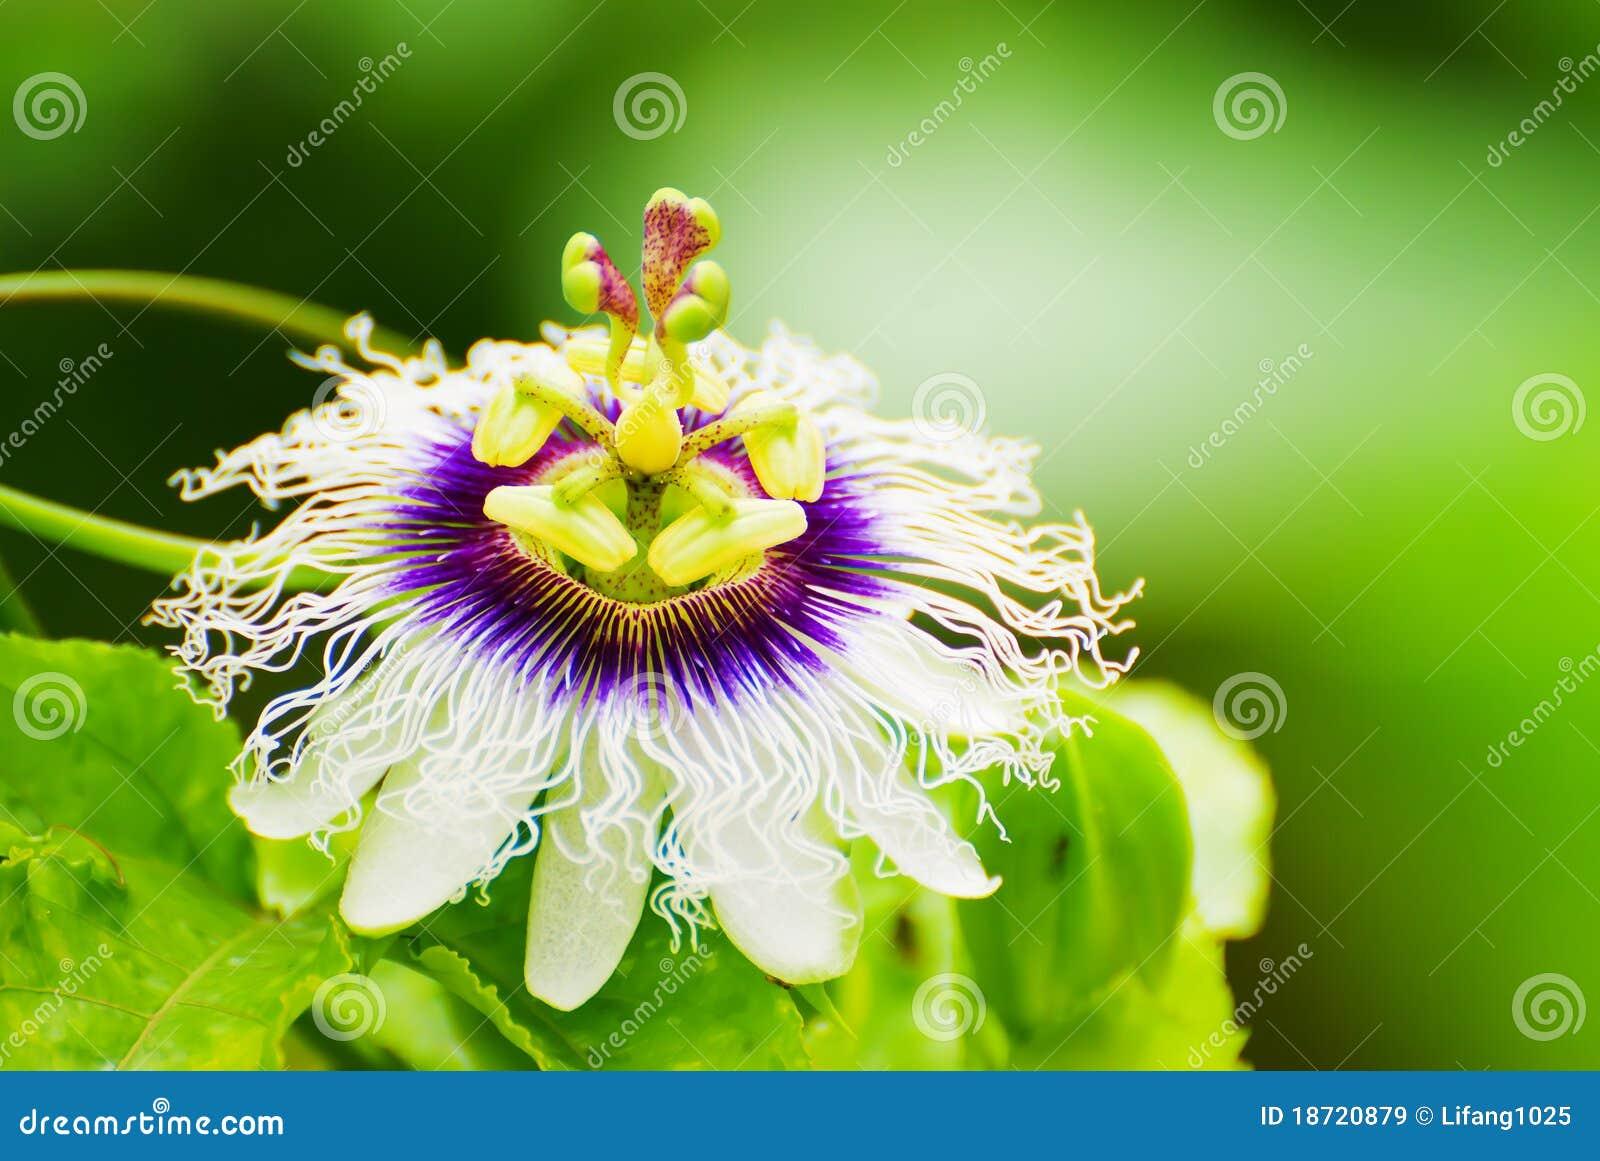 Flor da fruta de paixão